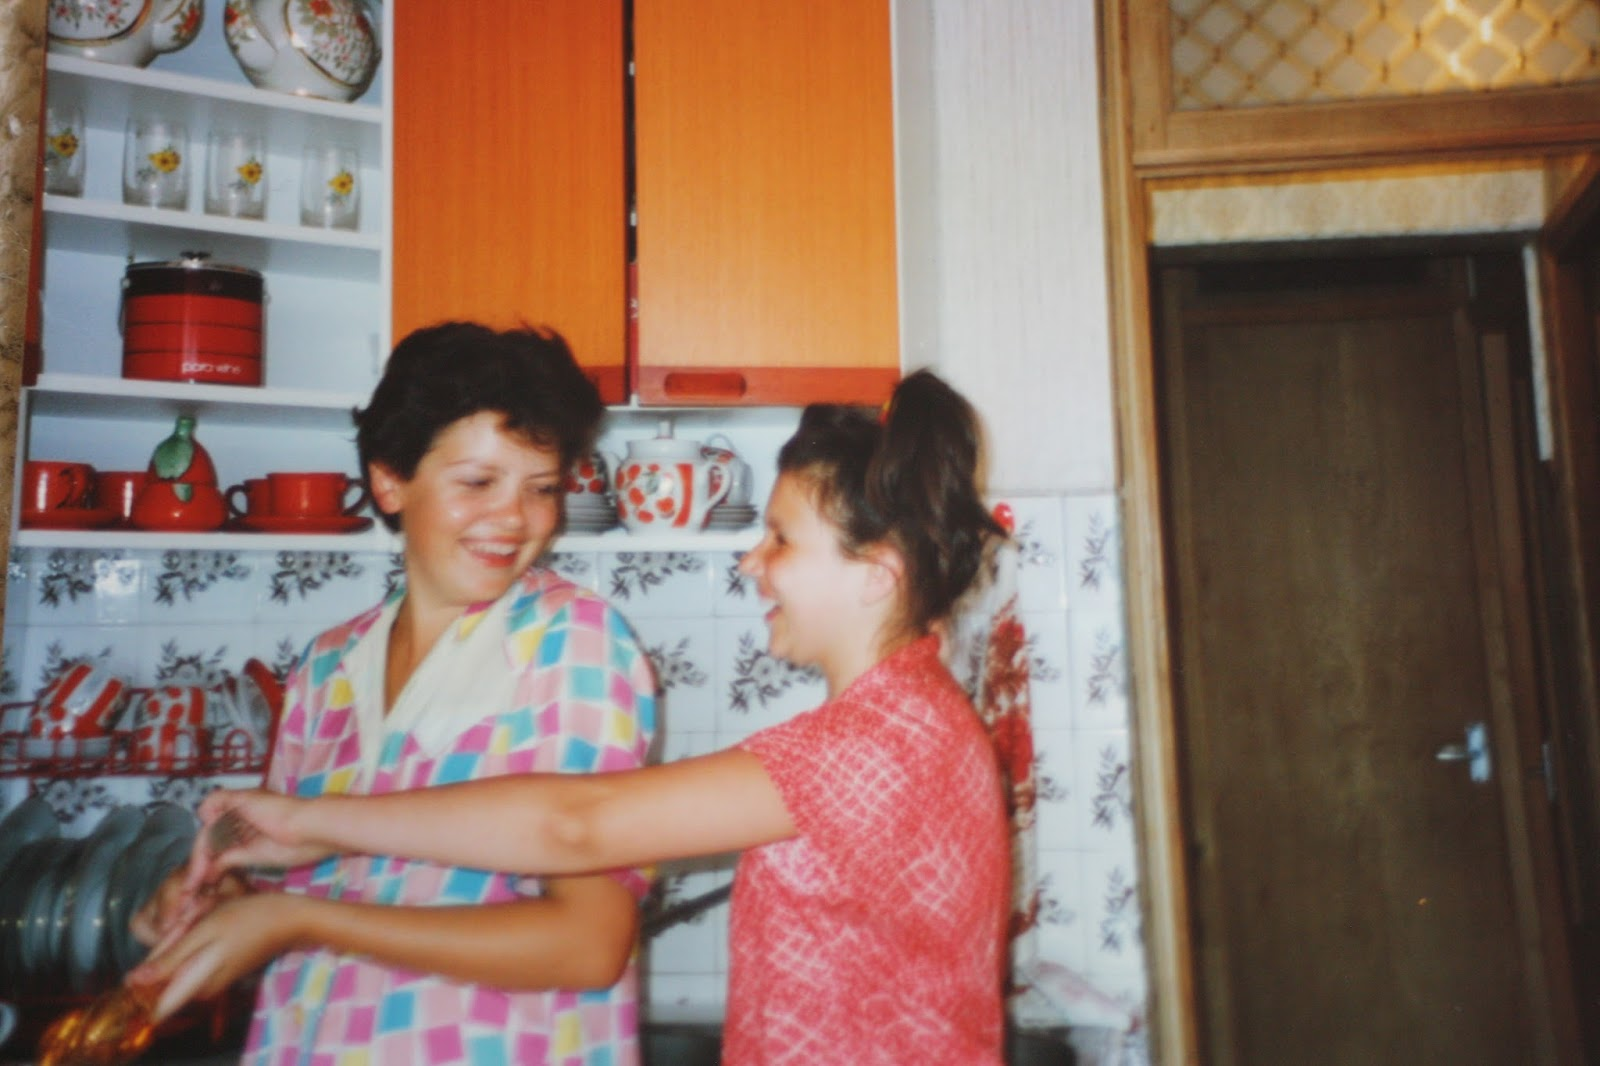 Sochi-memories-sisters-1990